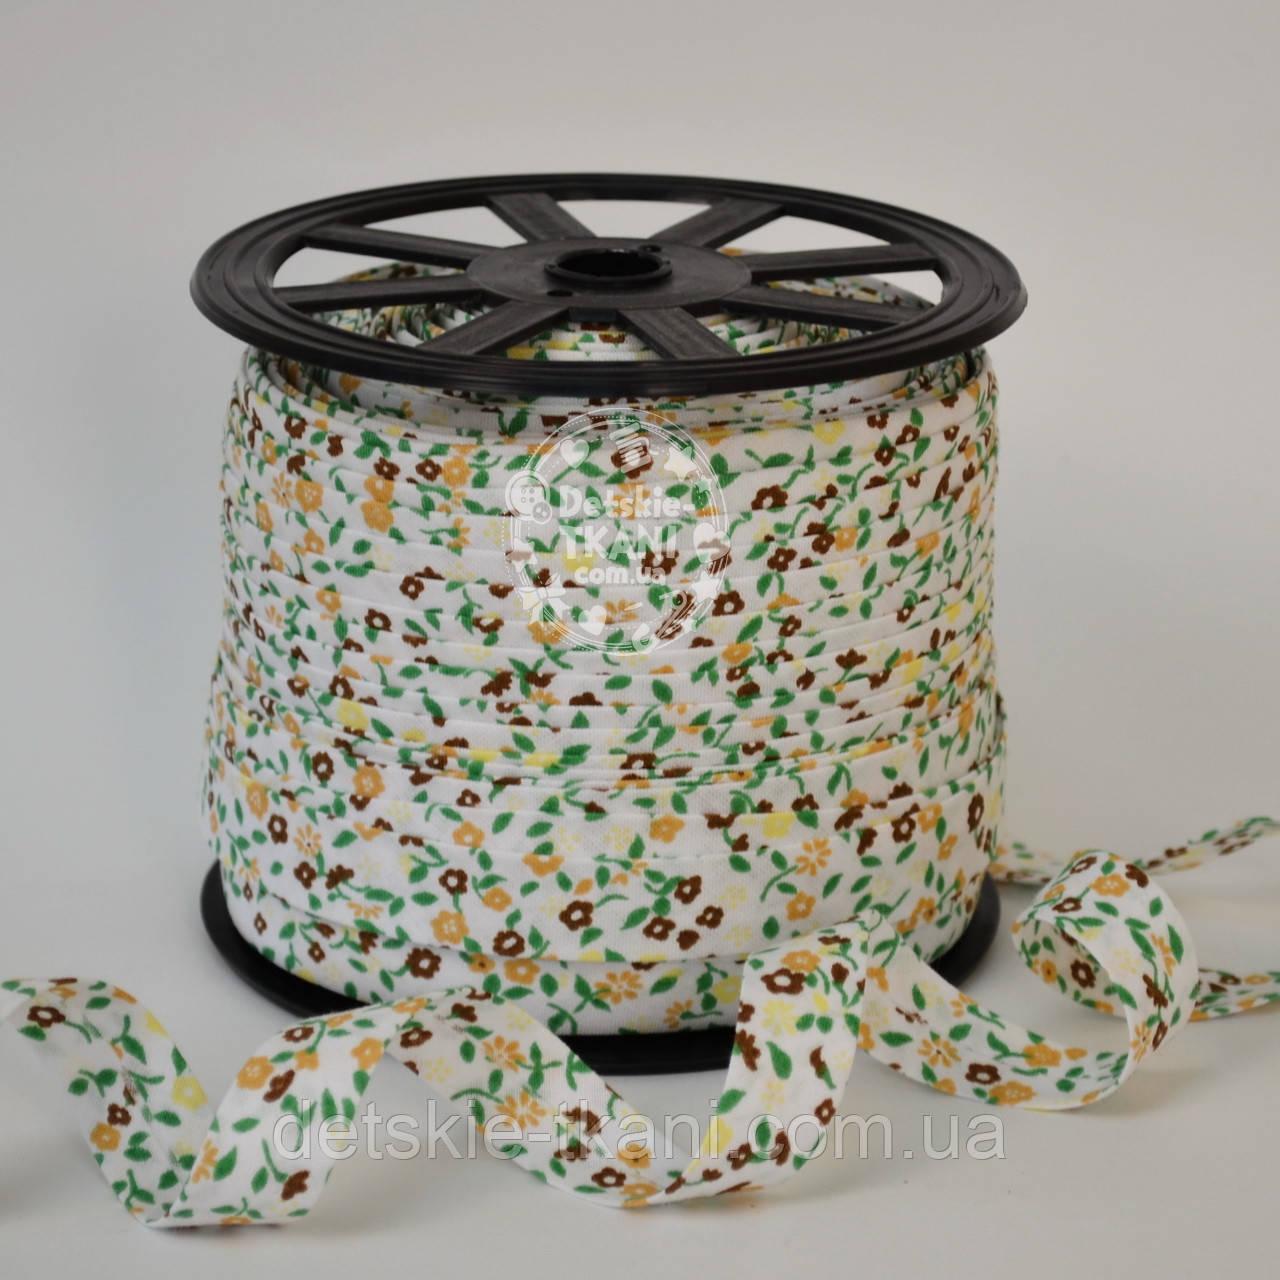 Косая бейка из хлопка с коричневыми и кофейными цветочками на белом фоне, ширина 18 мм.